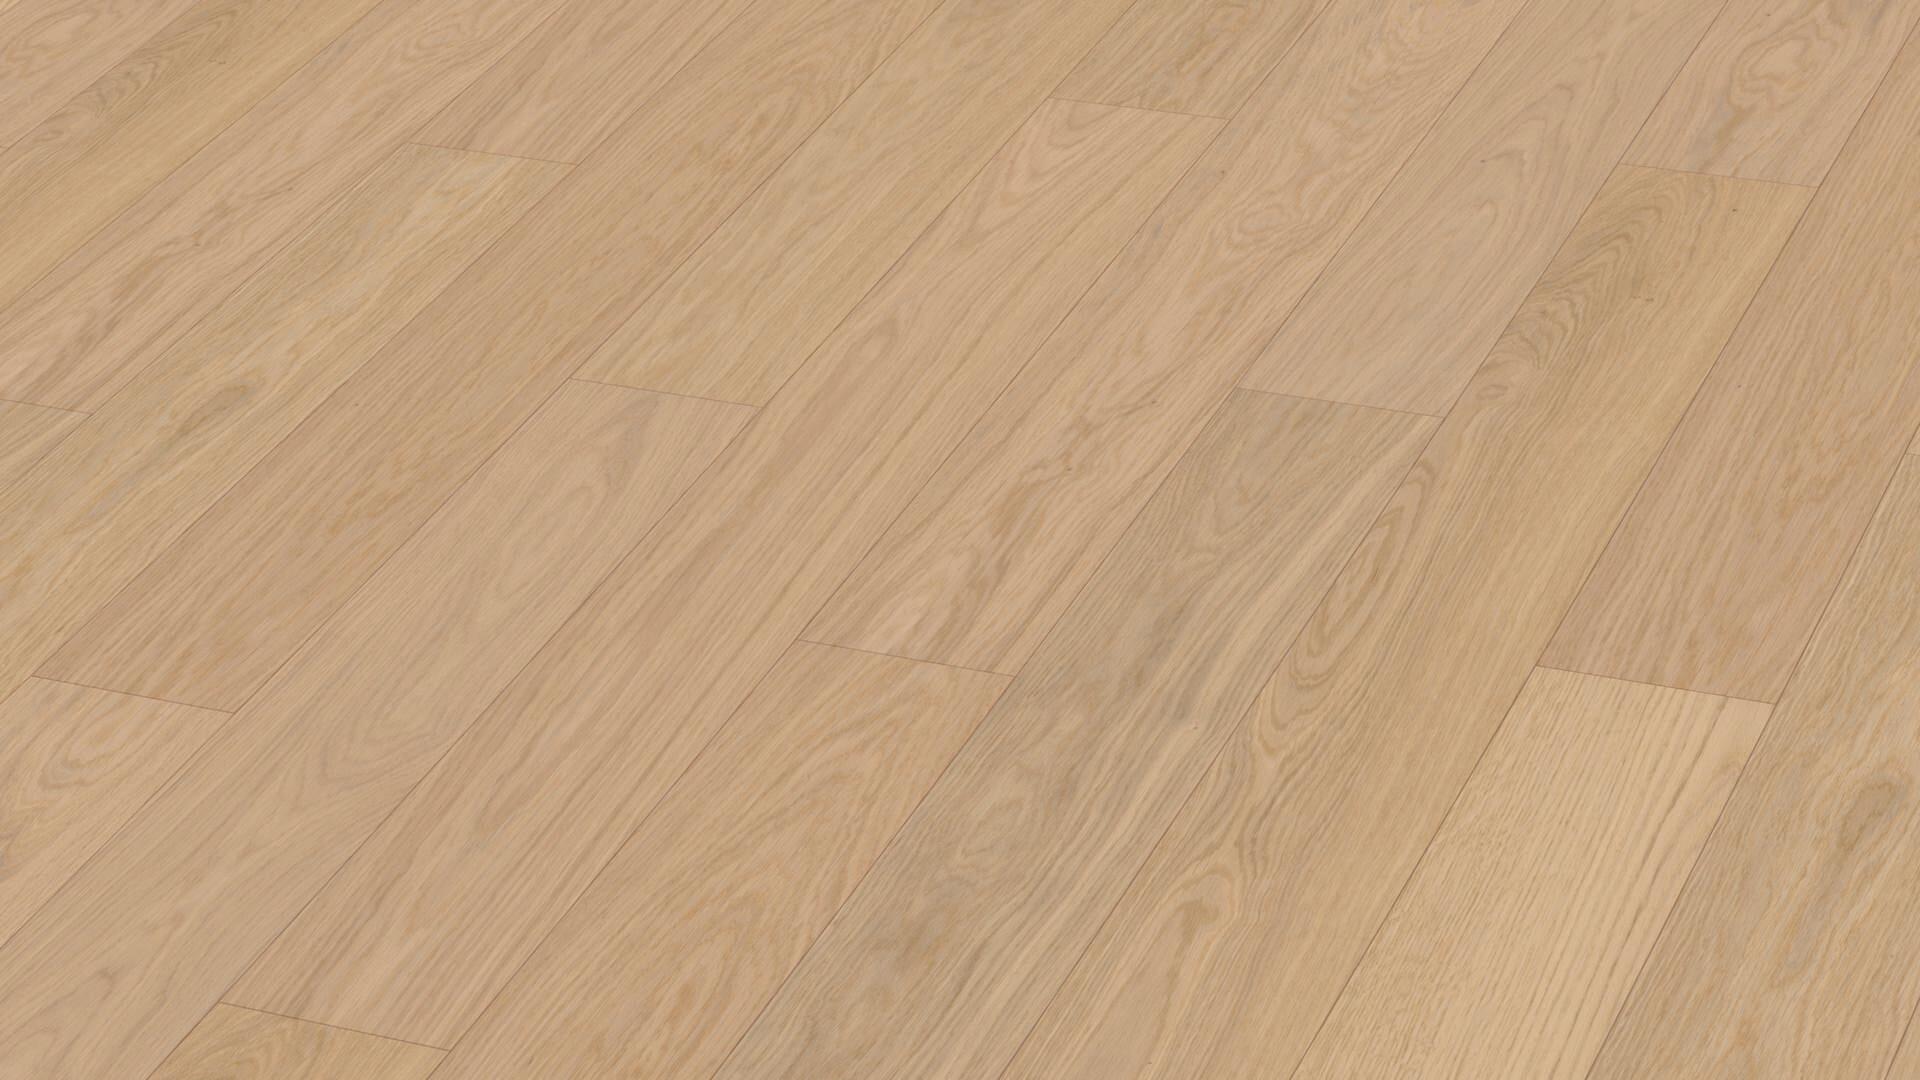 Parquet flooring MeisterParquet. longlife PS 300 Plain oak harmonious 8817